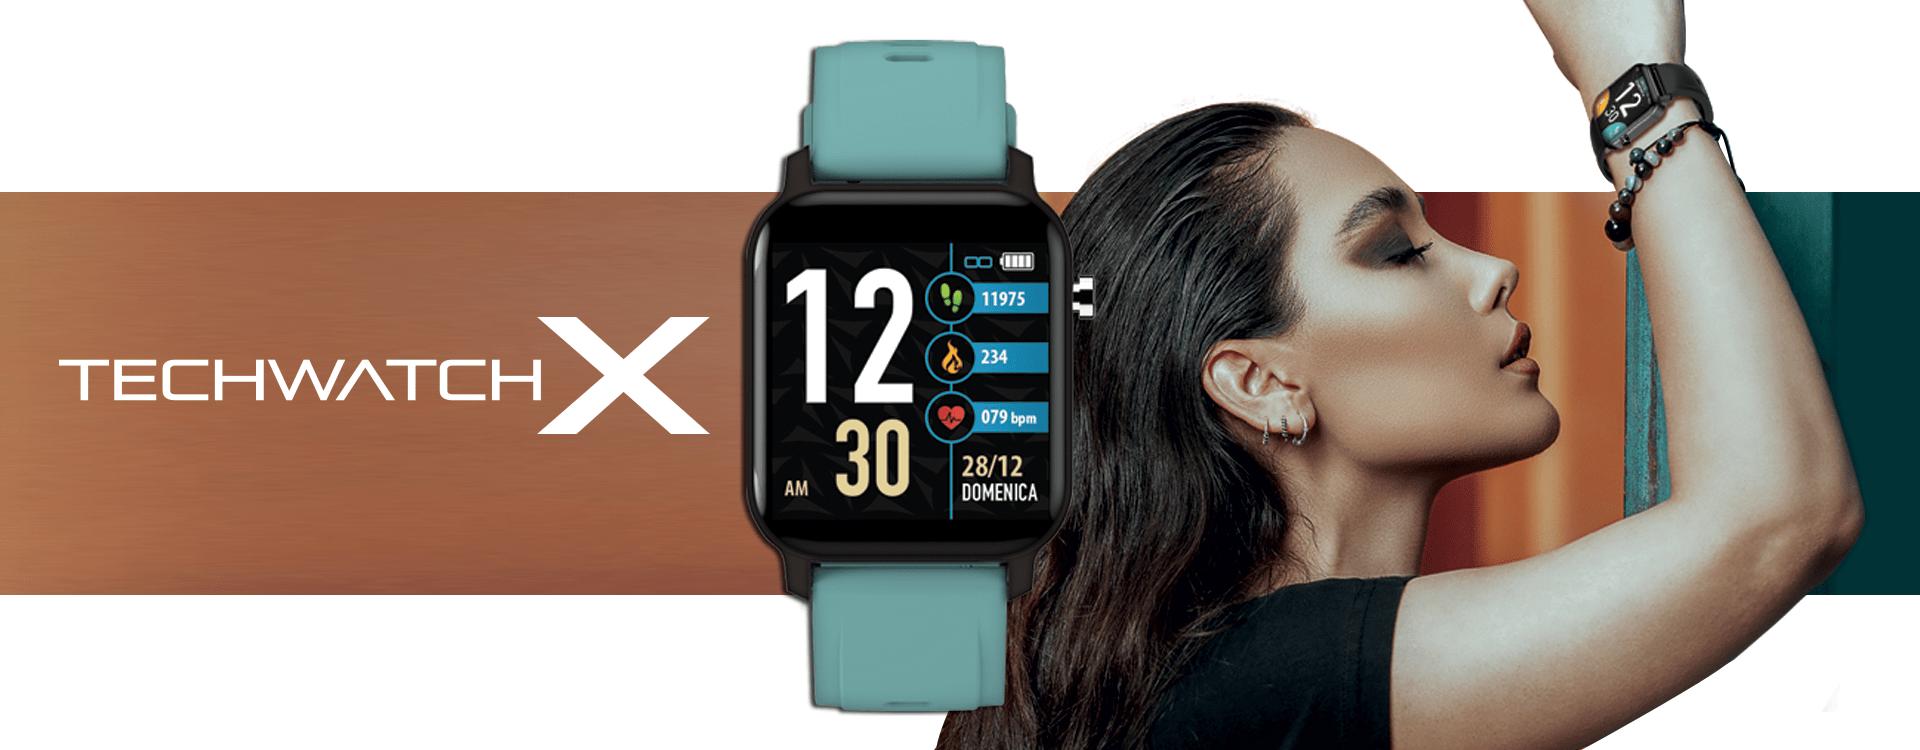 Smartwatch TechWatch X